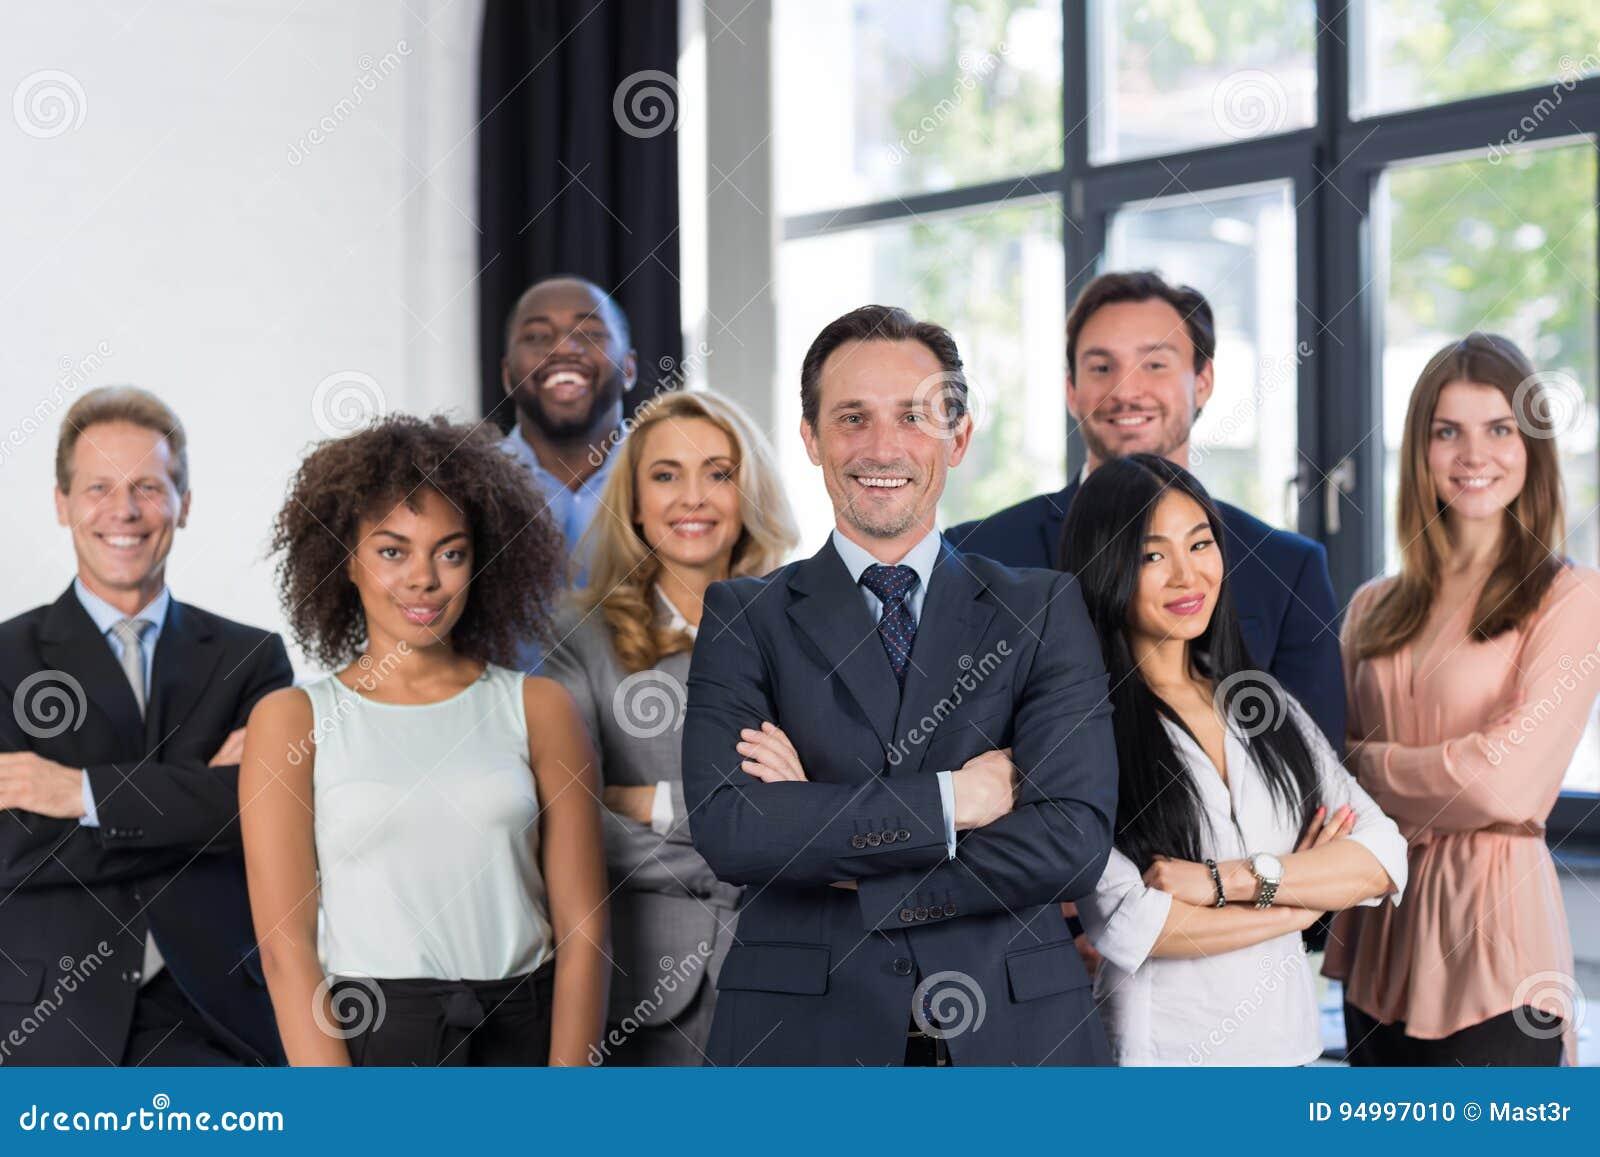 Προϊστάμενος και ομάδα επιχειρηματιών με τον ώριμο ηγέτη στο πρώτο πλάνο στην αρχή, έννοια ηγεσίας, επιτυχής ομάδα φυλών μιγμάτων